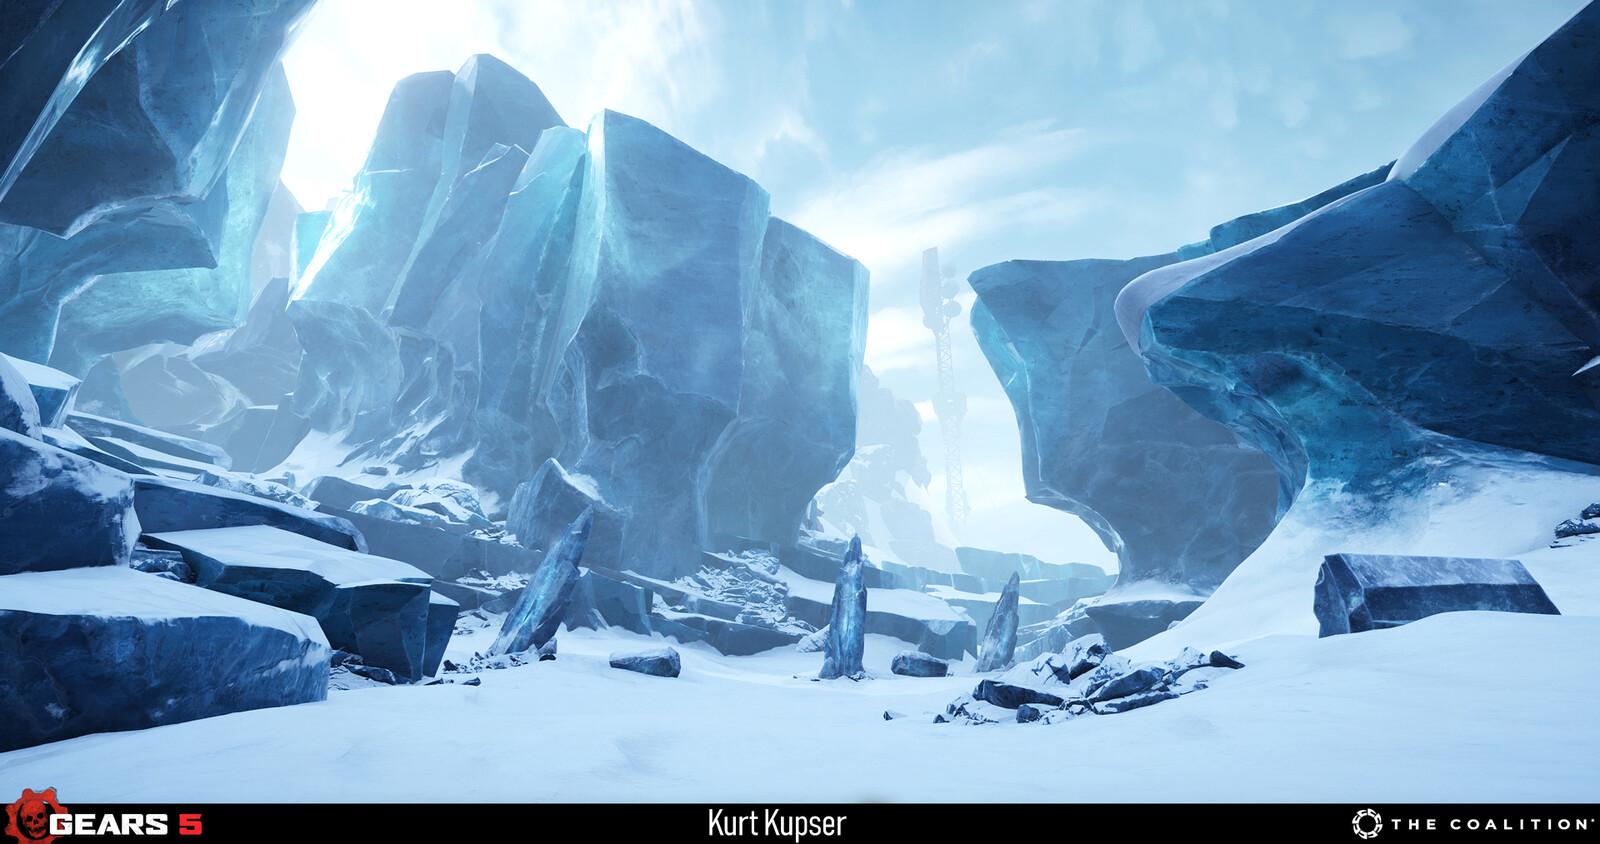 Ice Overworld Level Art - https://www.artstation.com/michaelmarraffa https://www.artstation.com/alfiefeliciano https://www.artstation.com/kteper